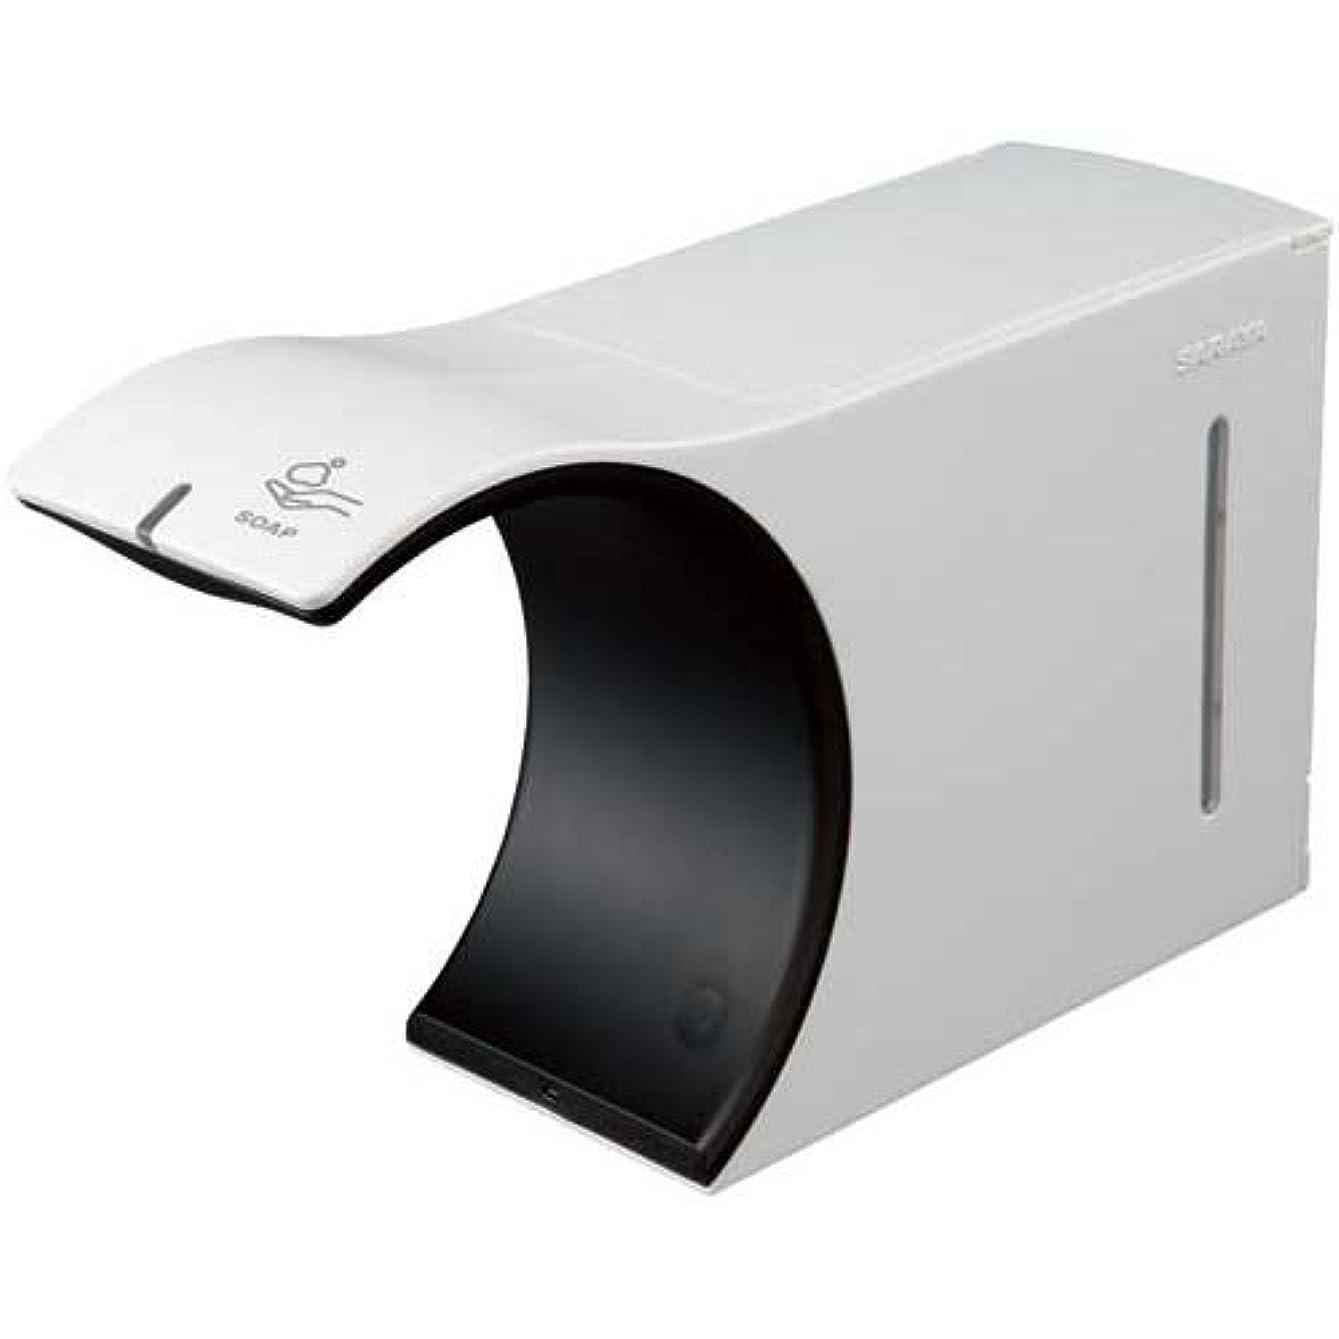 囲む養う小石ノータッチ式ディスペンサー エレフォーム UD-6000F